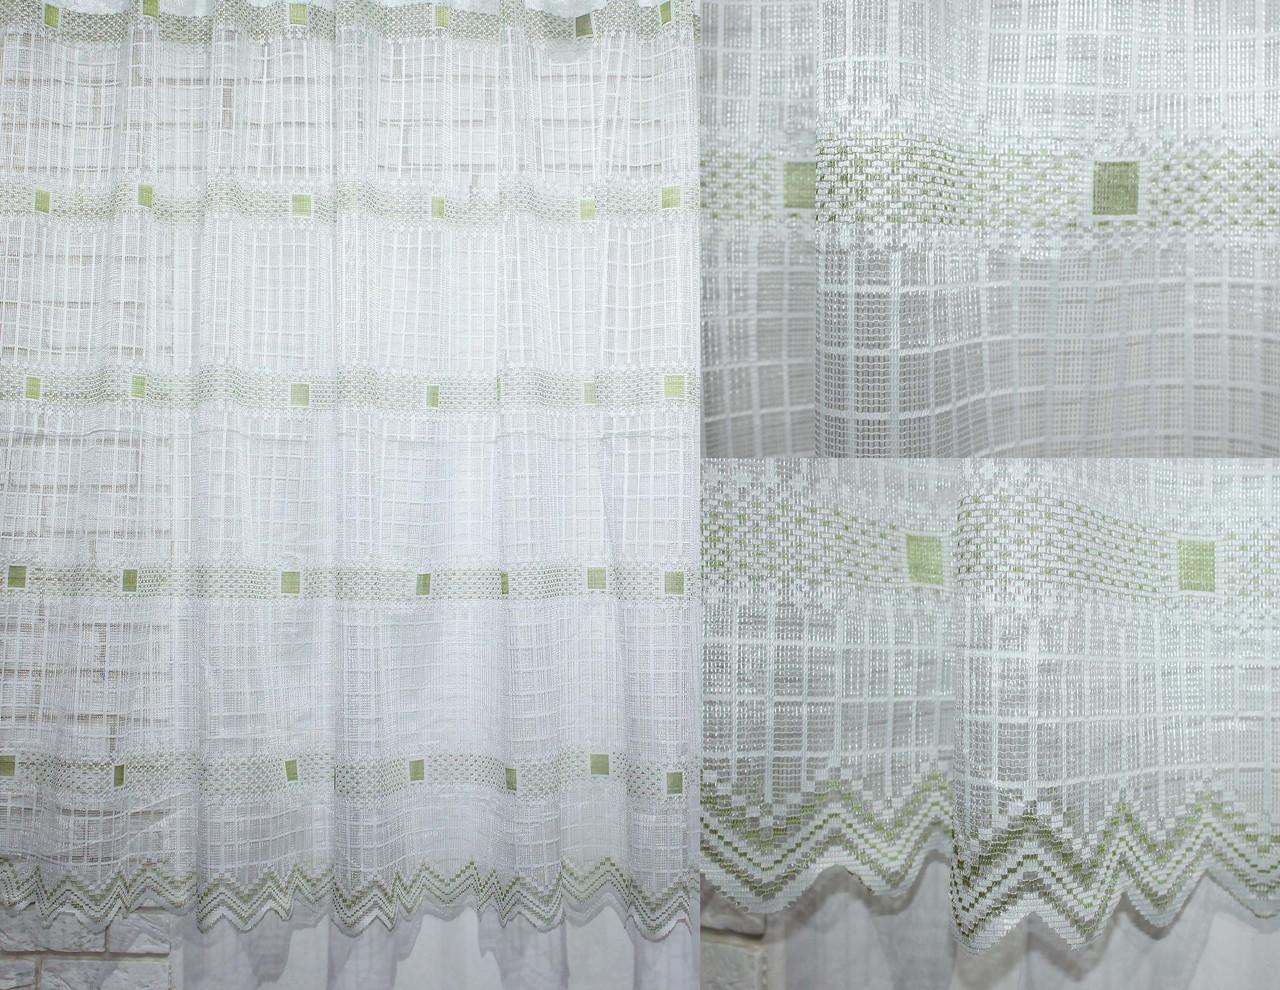 Тюль сетка, квадрат  цвет белый с зеленым. Код 603т